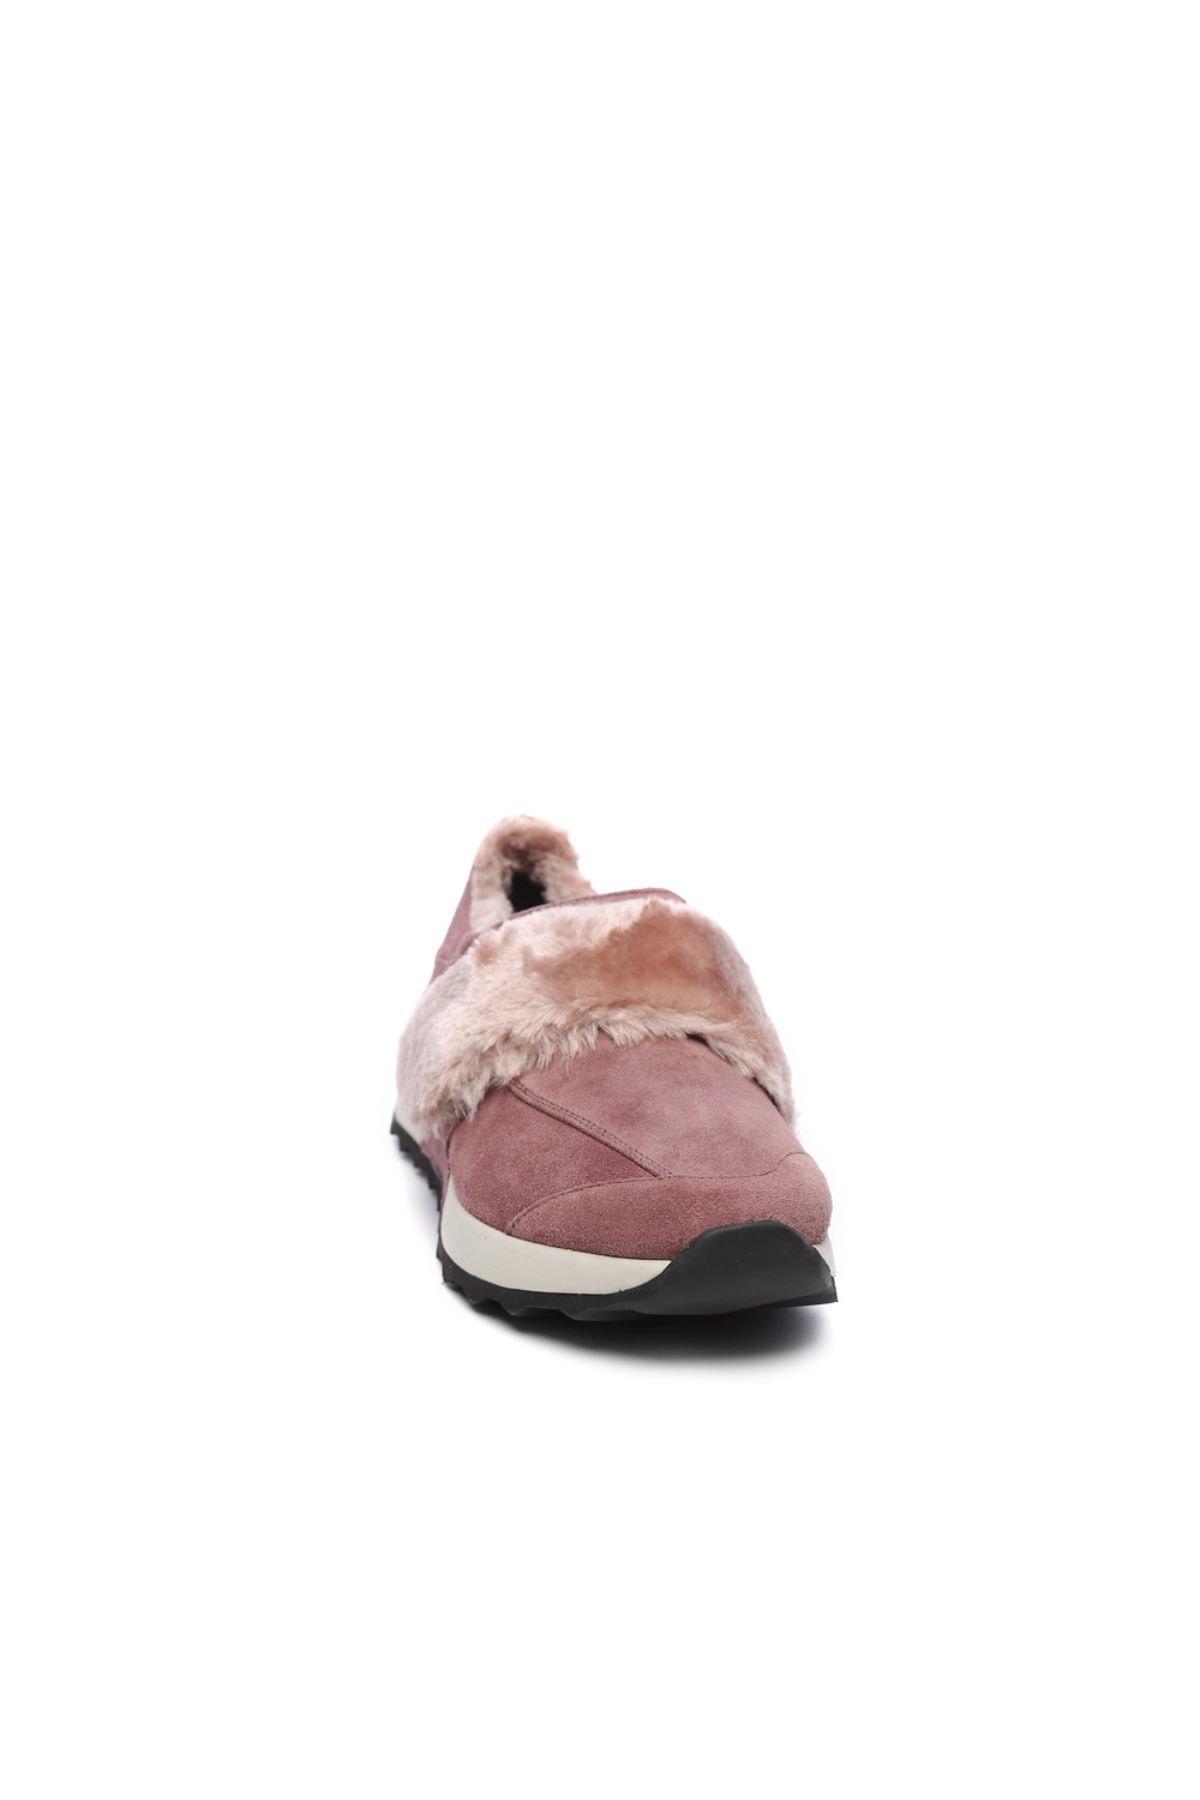 ALBERTO GUARDIANI Kadın Derı Spor Ayakkabı 685 61421M BN AYK 2